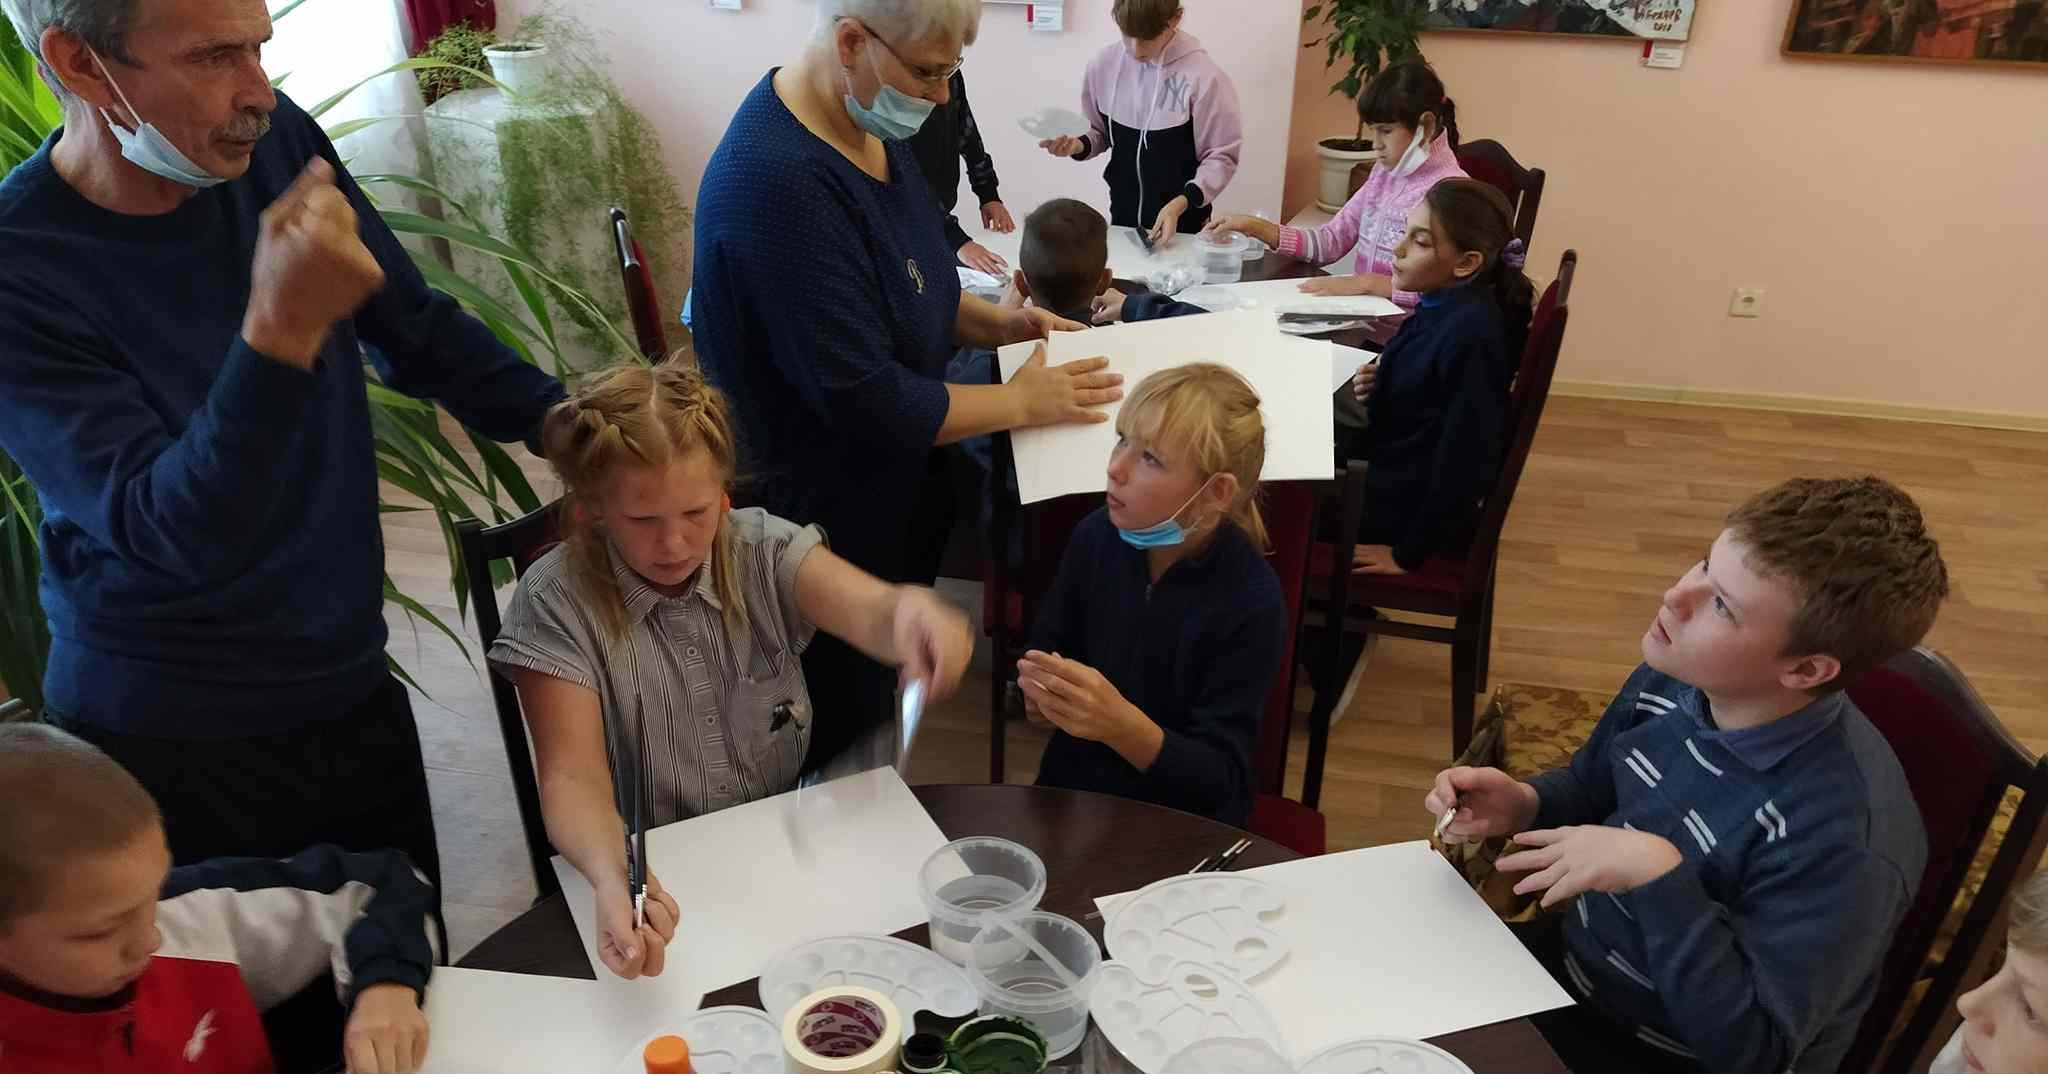 Передвижная выставка проекта «Область искусства» с оригинальными работами сибирских художников открывается в Каргате